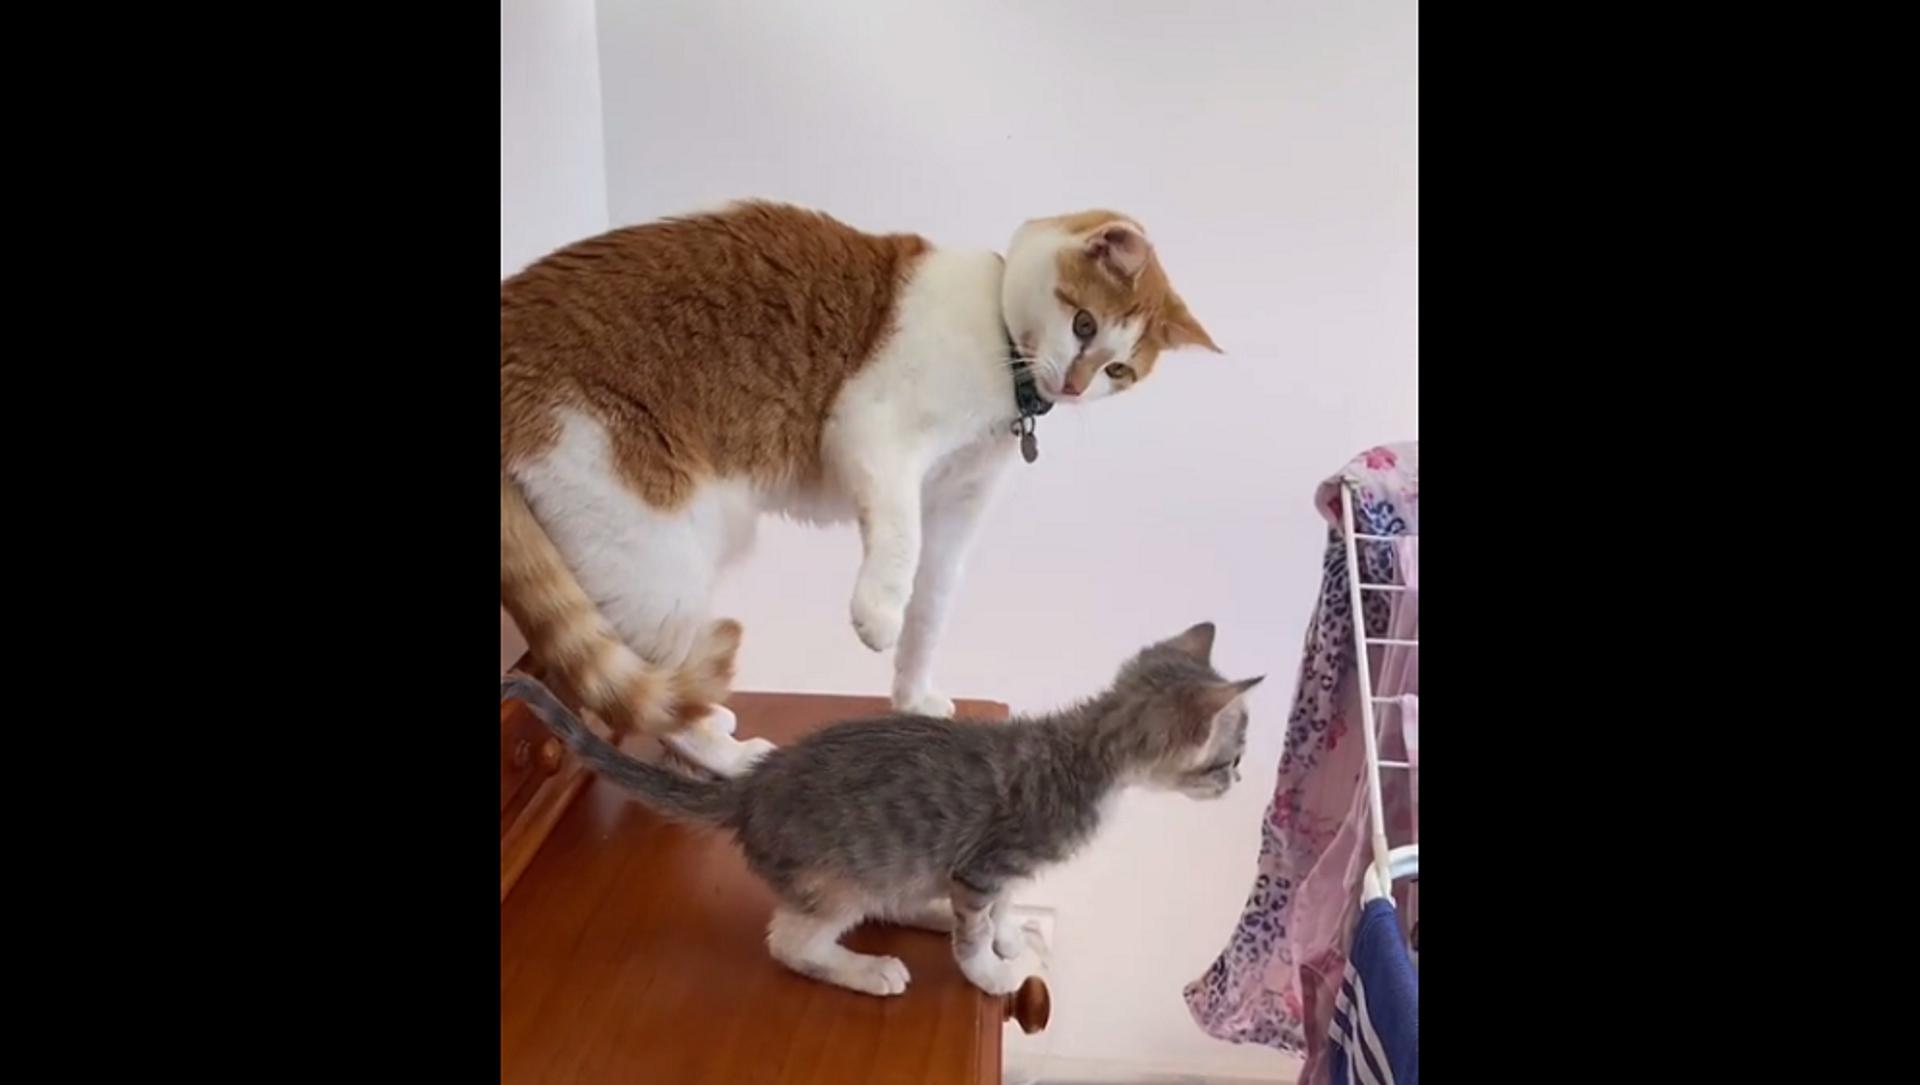 Мама-кошка пытается бороться с желанием толкнуть котенка с комода – забавное видео - Sputnik Грузия, 1920, 02.07.2021